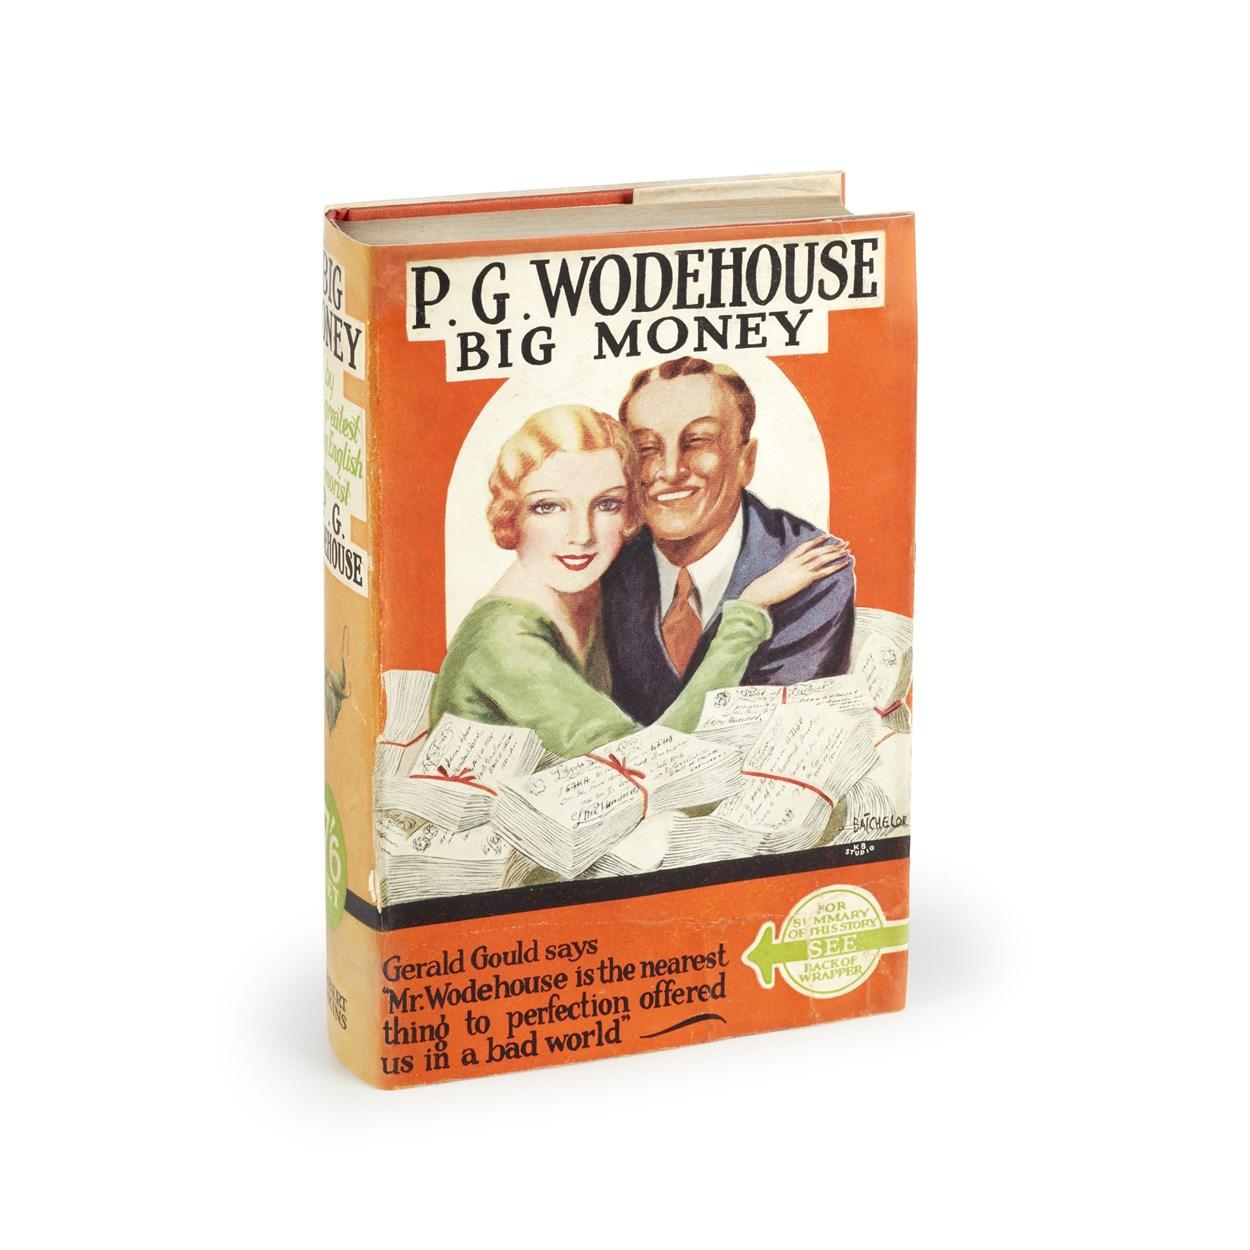 Lot 7 - Wodehouse, P.G.